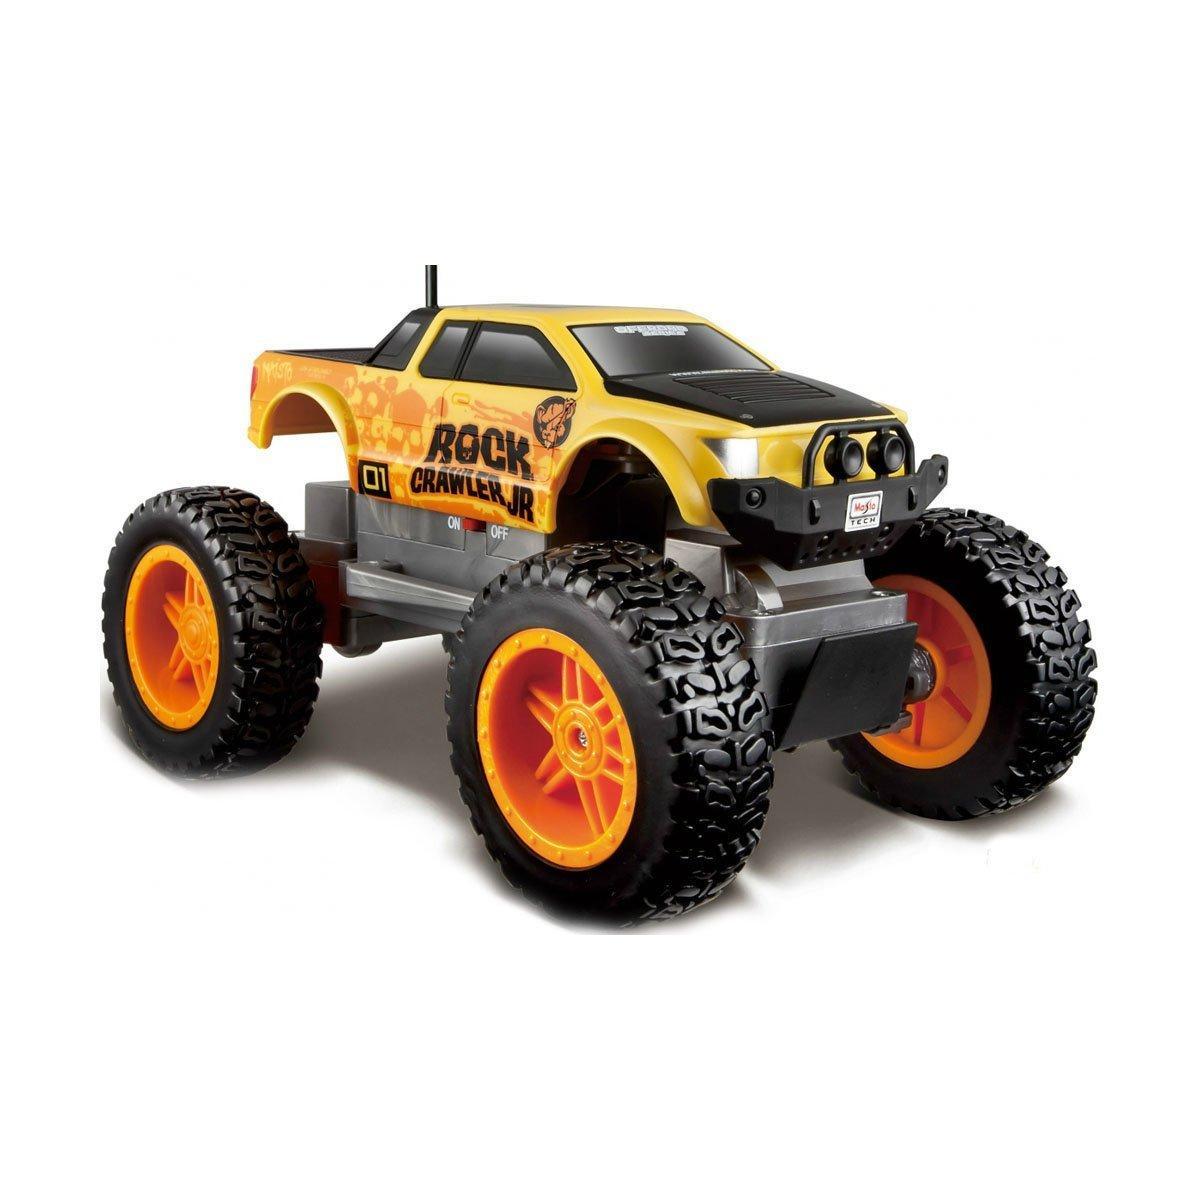 Автомодель на радиоуправлении  Rock Crawler Jr, желтый 81162 yellow ТМ: Maisto